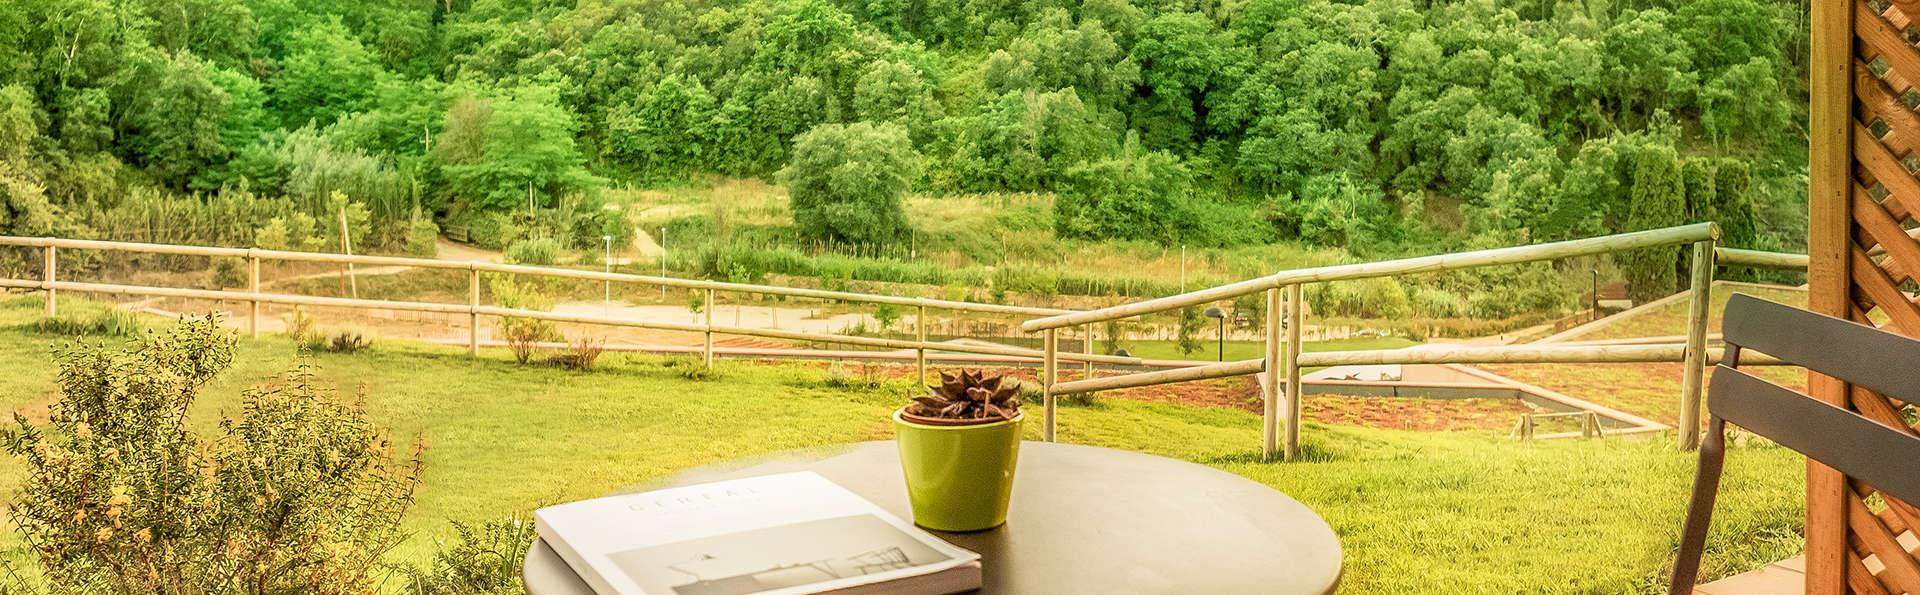 Descubre un resort 100% ecológico: con delicioso desayuno y habitación superior con jardín